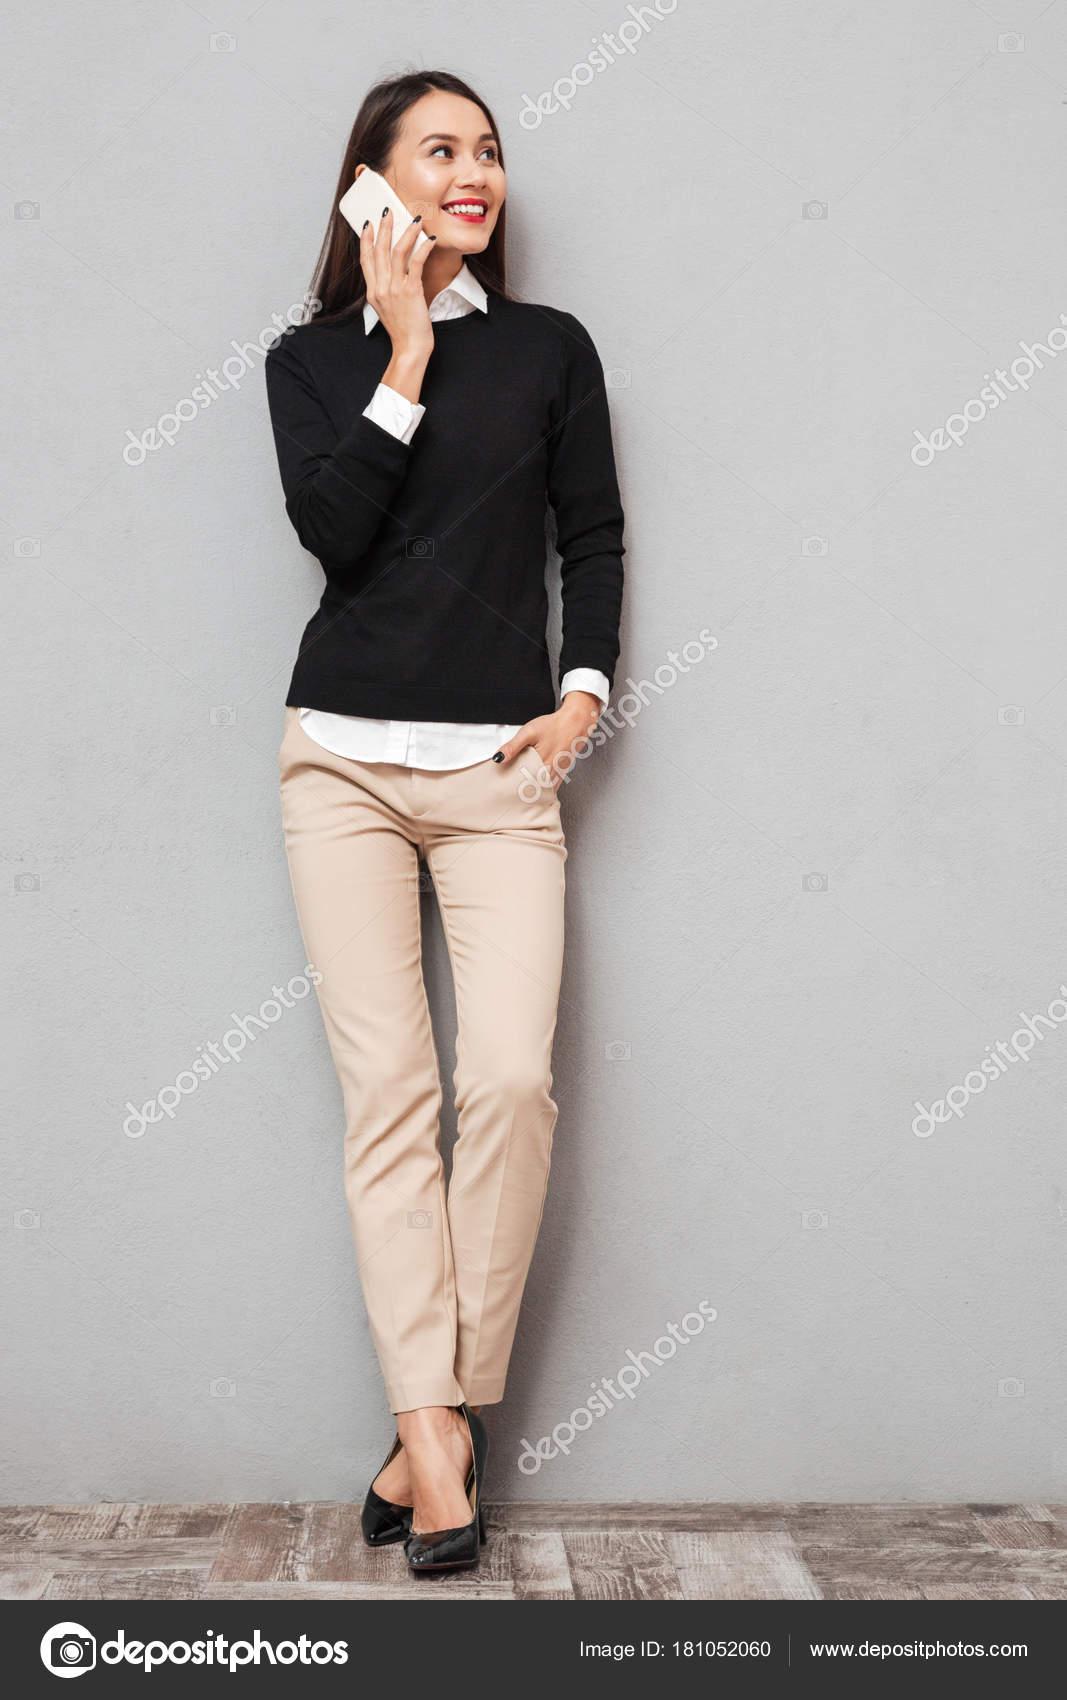 Повна довжина образ посміхаючись азіатські жінки в діловий одяг говорити  смартфон і фотографіях хтось дивитися вбік над сірий фон — Фото від  Vadymvdrobot a7ee0bc16a825